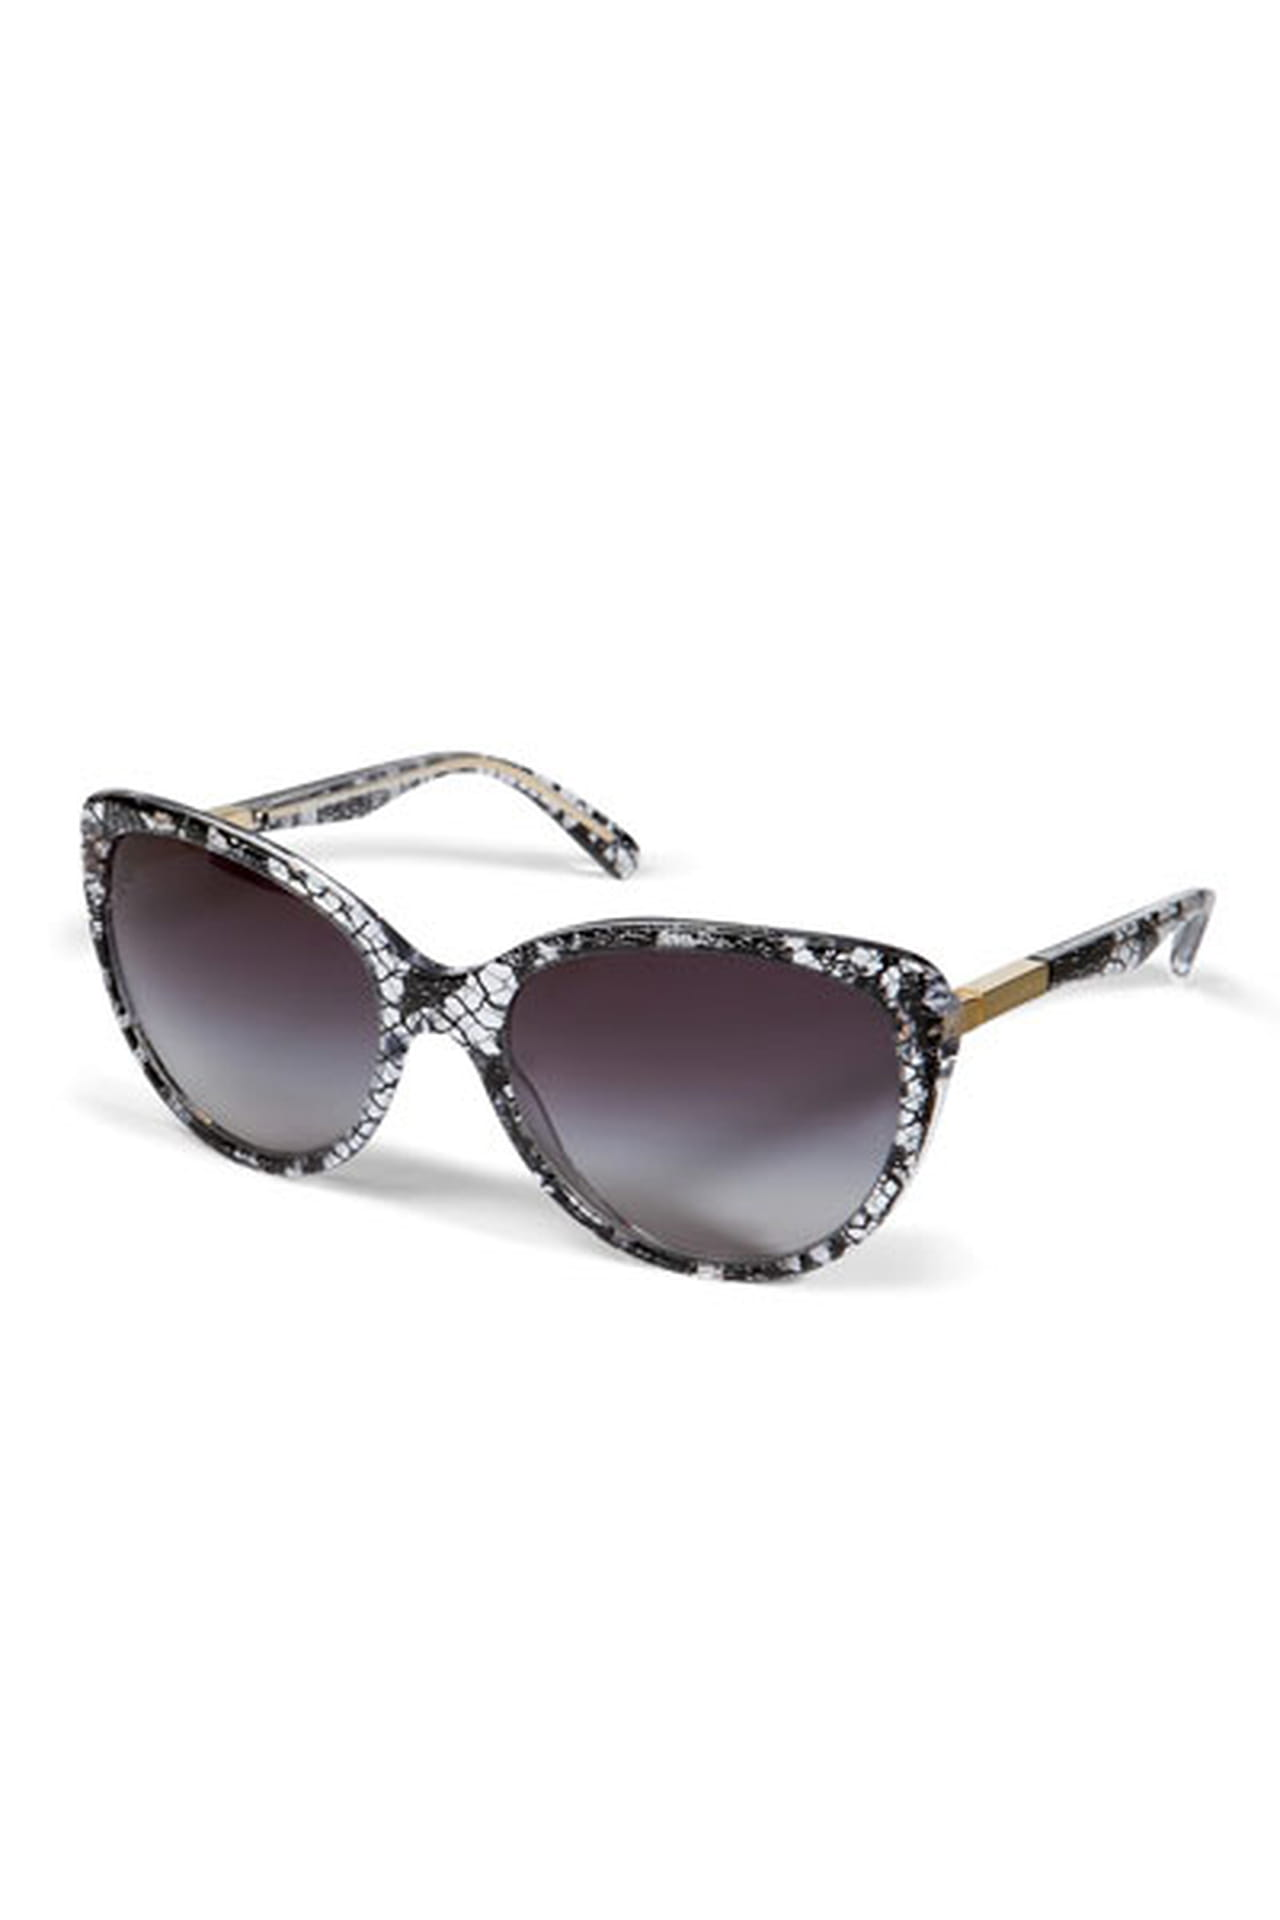 7c1c283d9 نظارة بإطار مزركش من دولتشي آند غابانا Dolce & Gabbana وتتوفر بسعر 1560  درهم إماراتي.